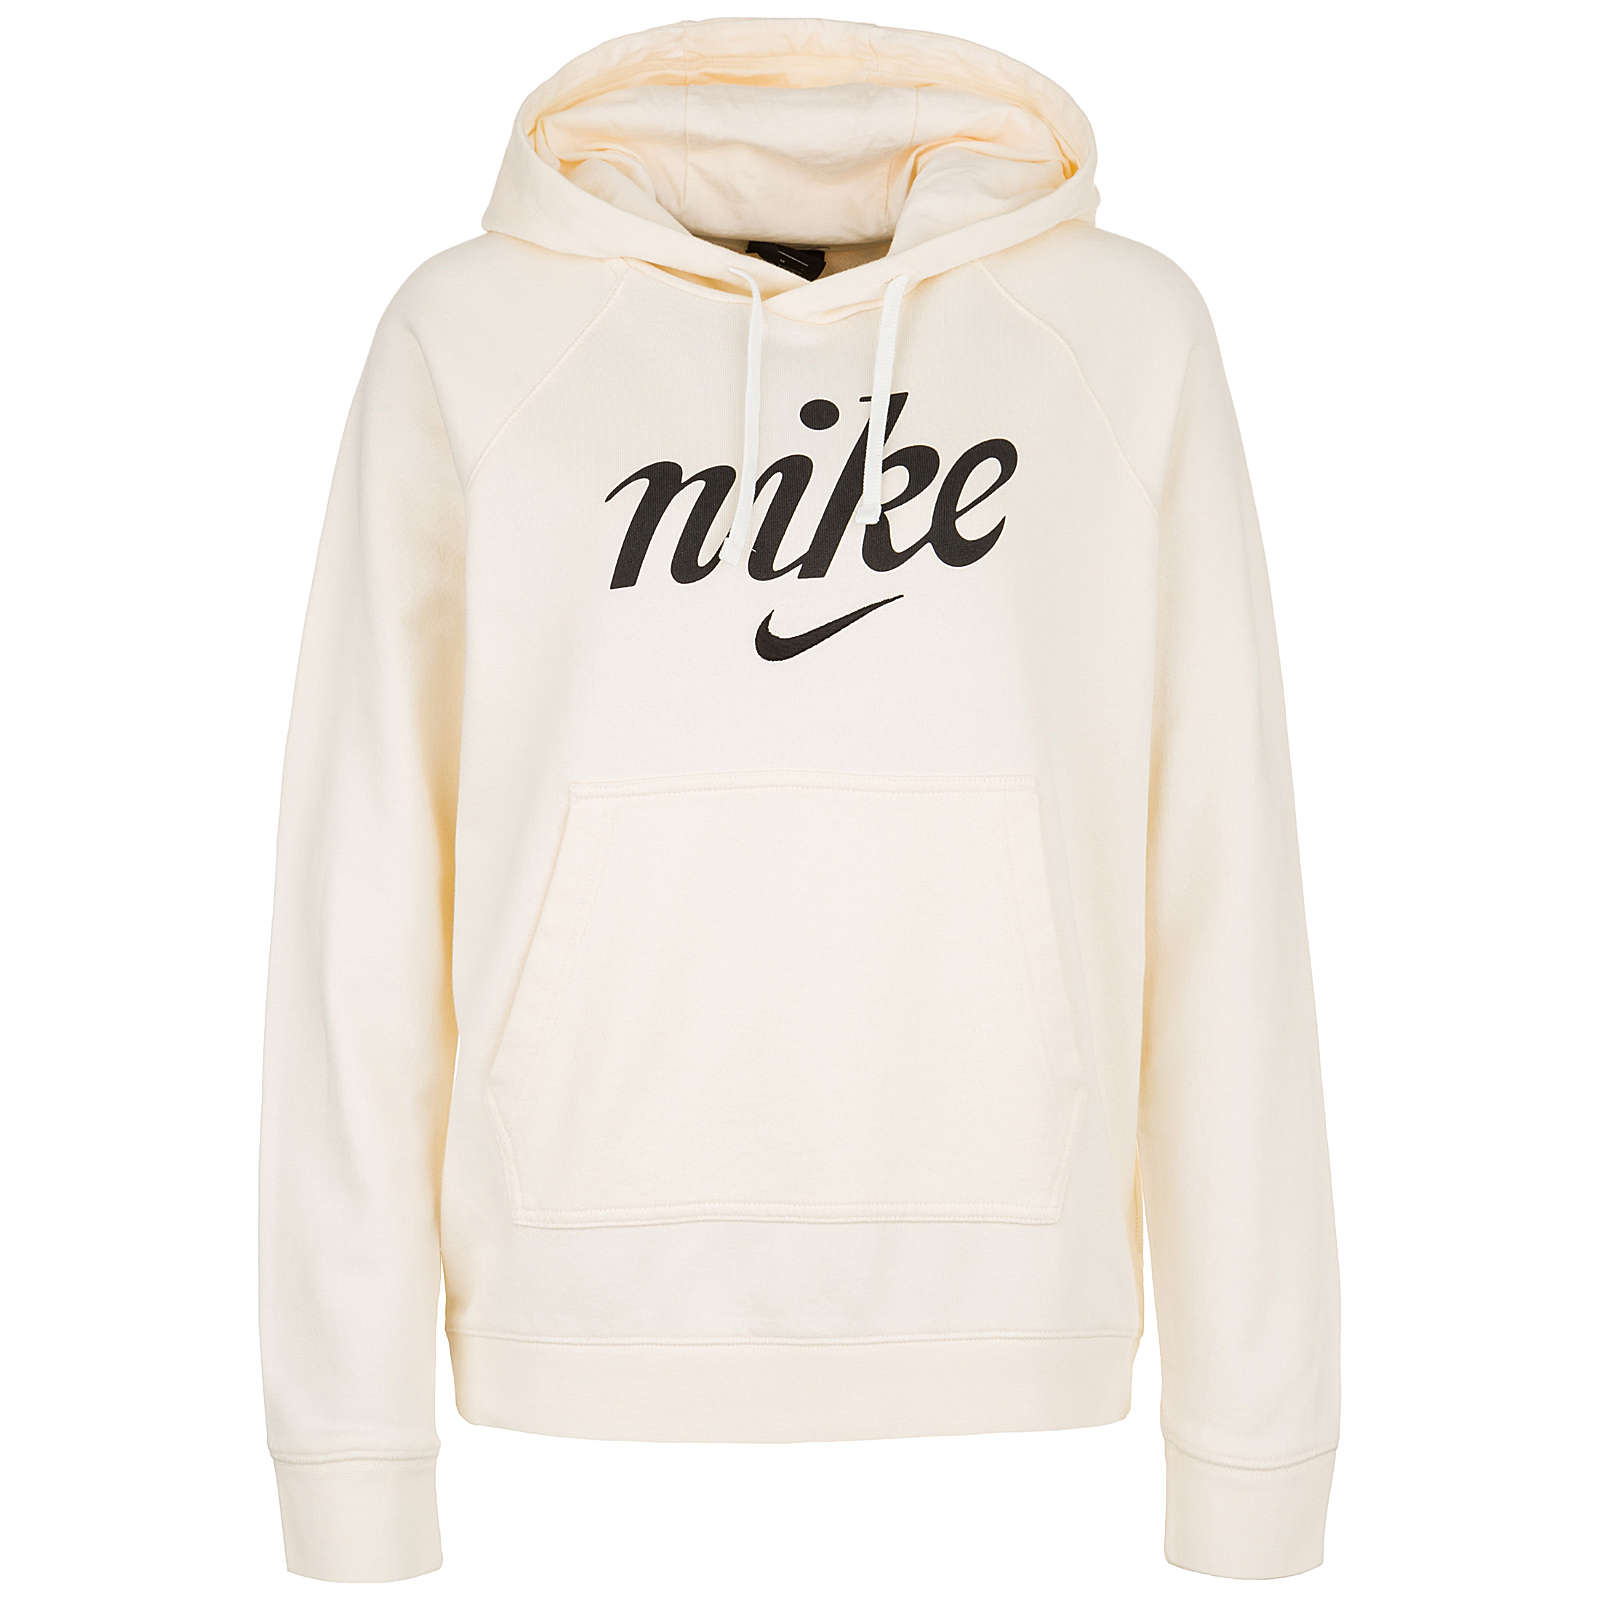 Nike Sportswear Sportswear Kapuzenpullover Damen beige Damen Gr. 40